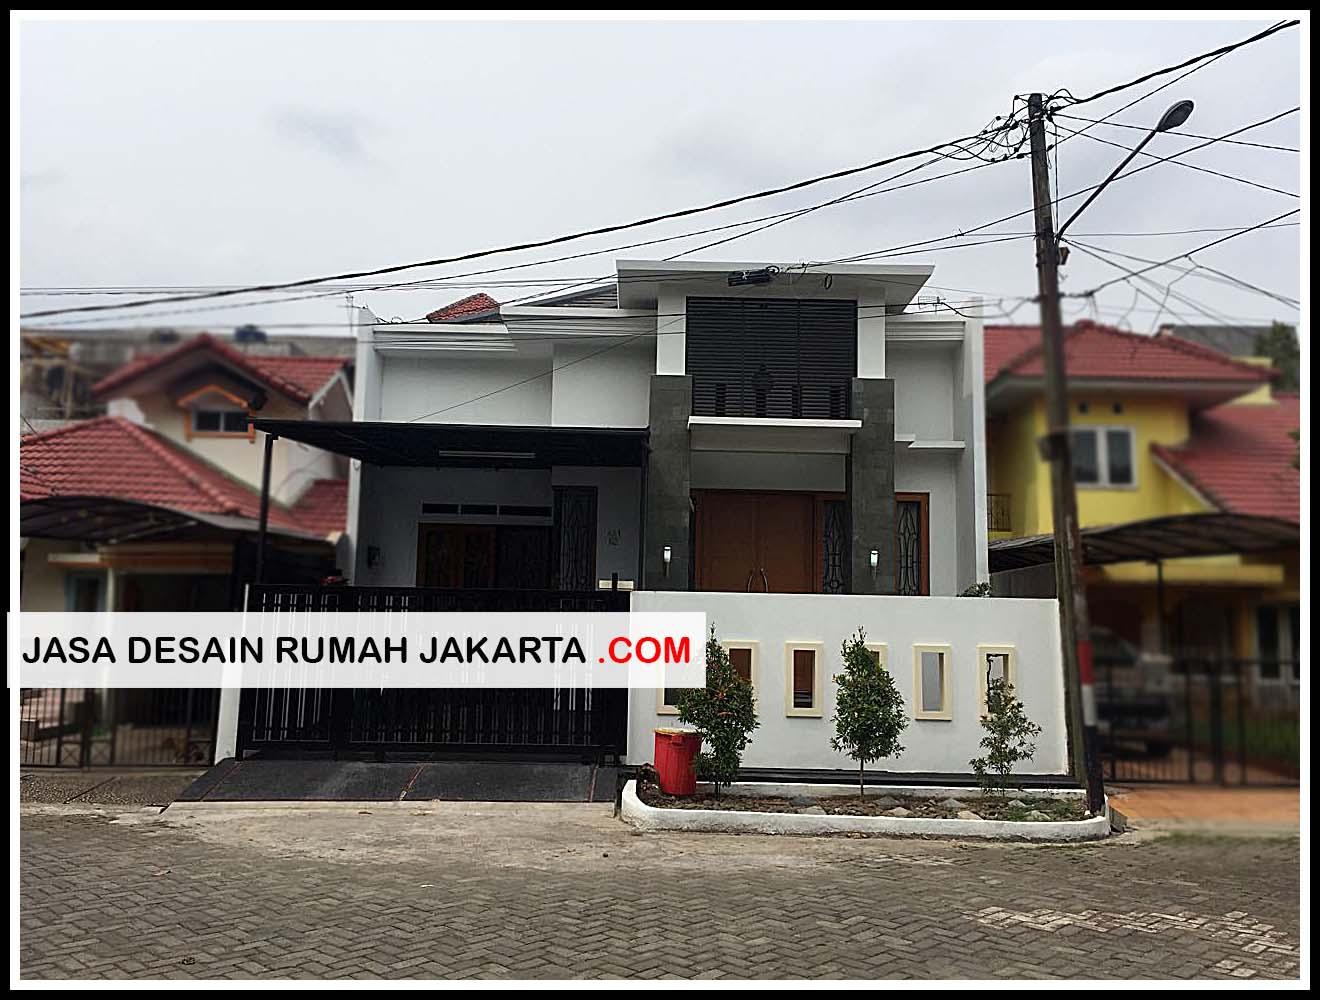 Jasa Desain Arsitek Gambar Rumah Minimalis  Arsip Jasa Desain Rumah Jakarta Jasa Gambar